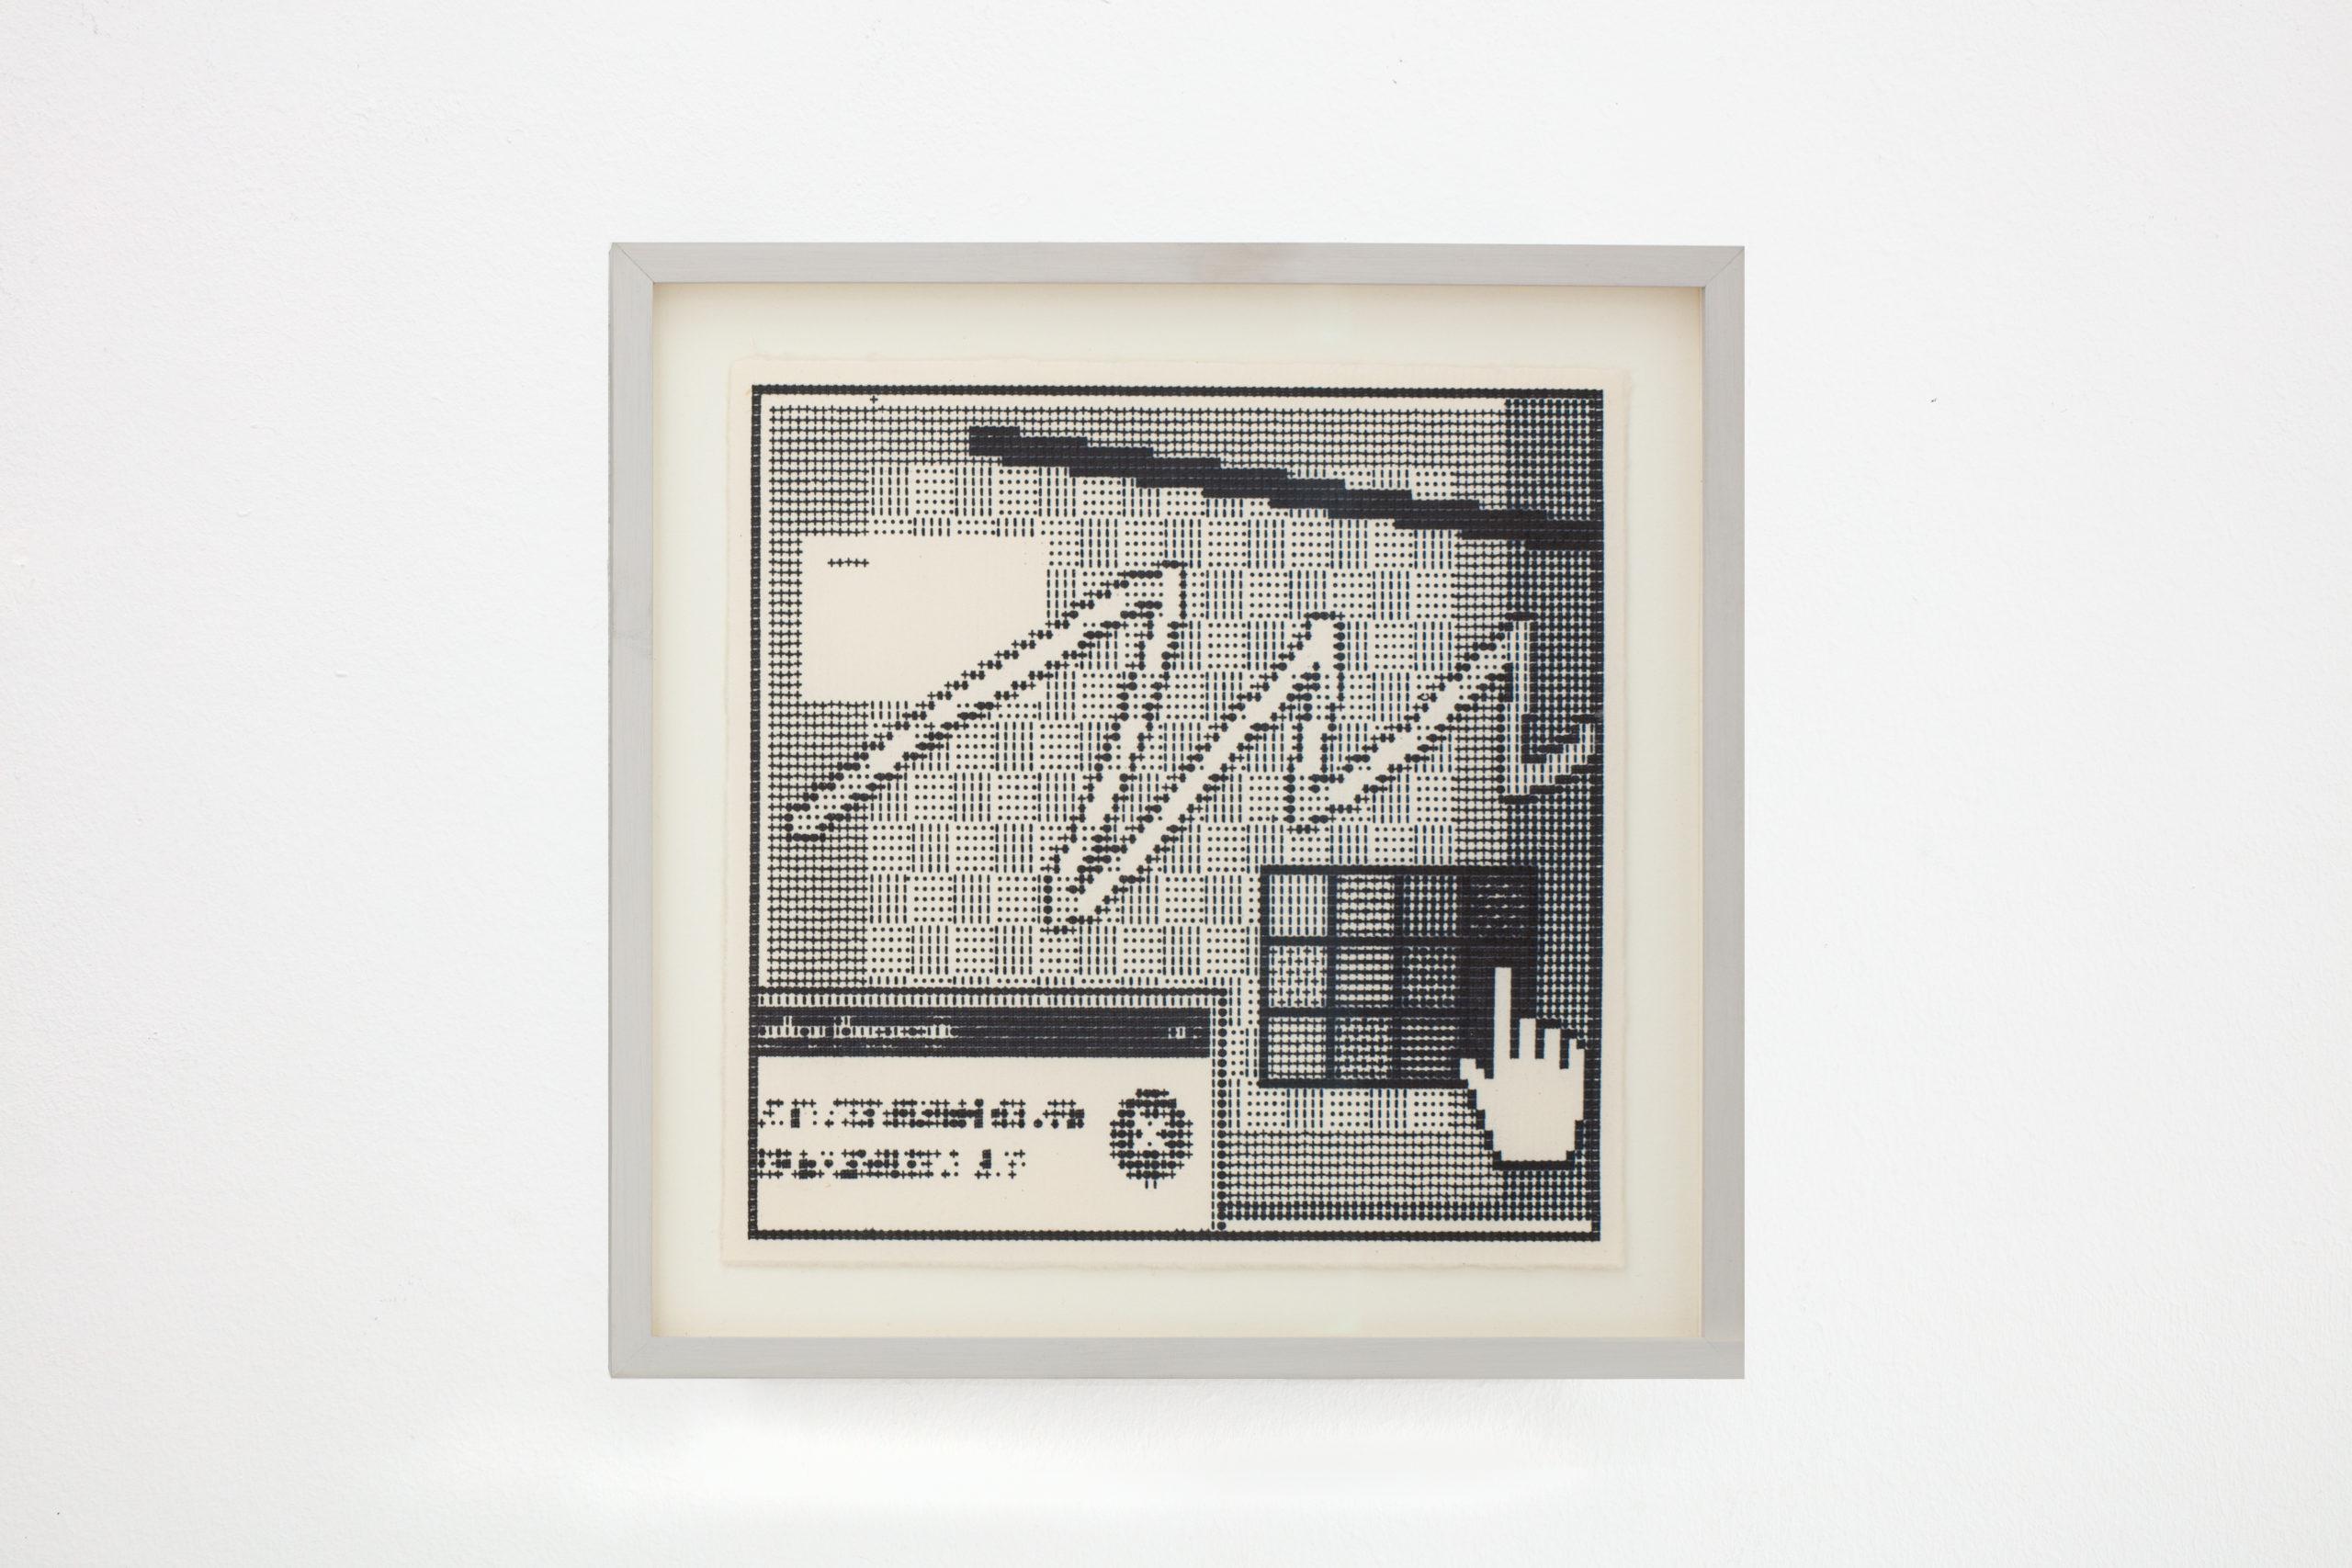 Arno Beck, Interface, typewriter drawing on Japanese paper, 22,5 x 22,5 cm, 2015